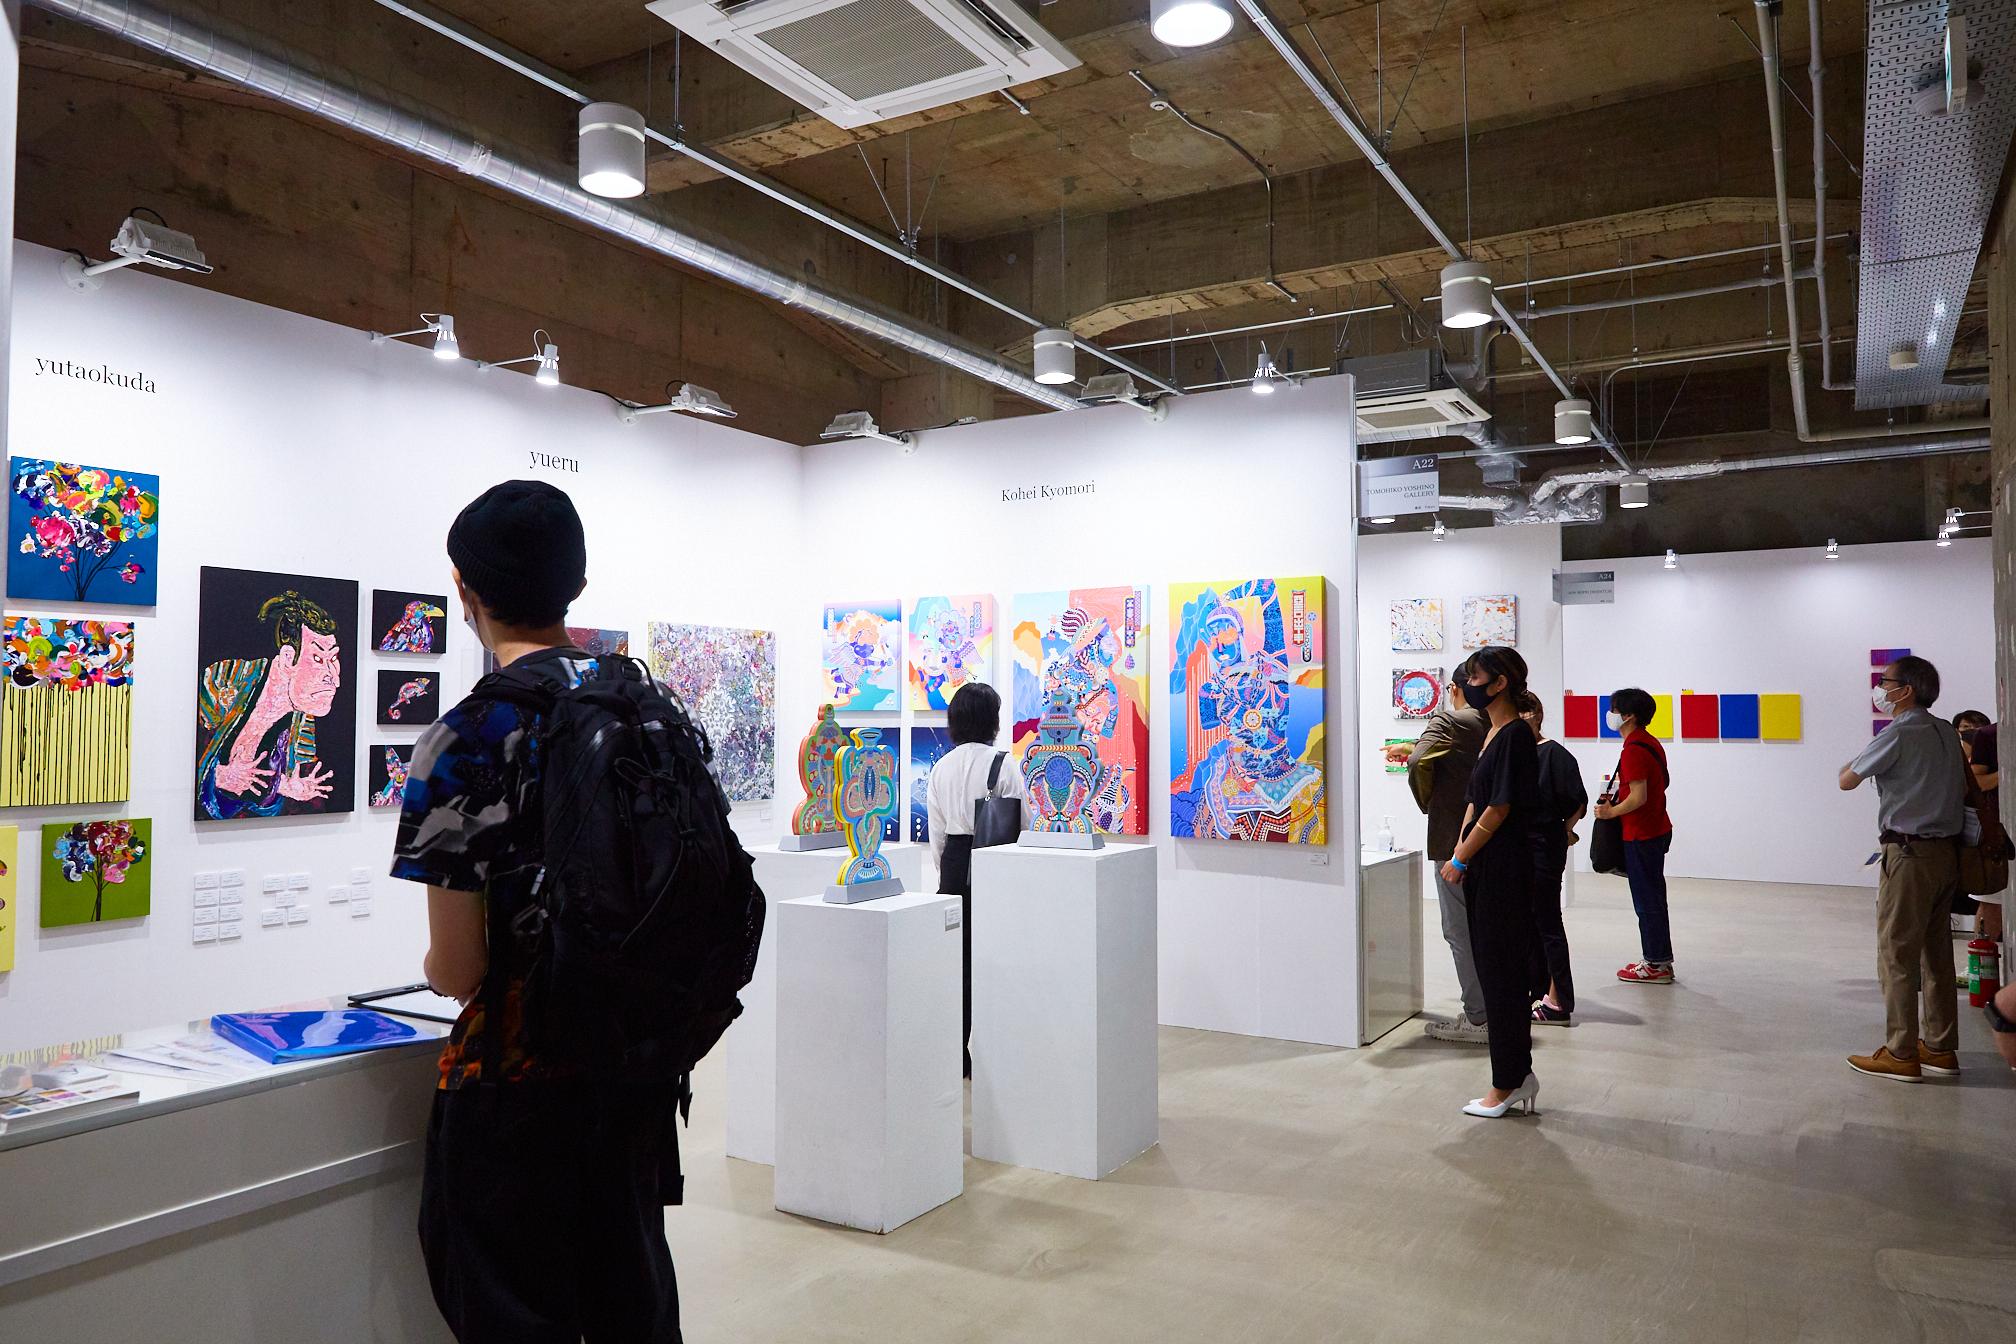 寺田倉庫の新たなアートコンプレックスが天王洲にオープン